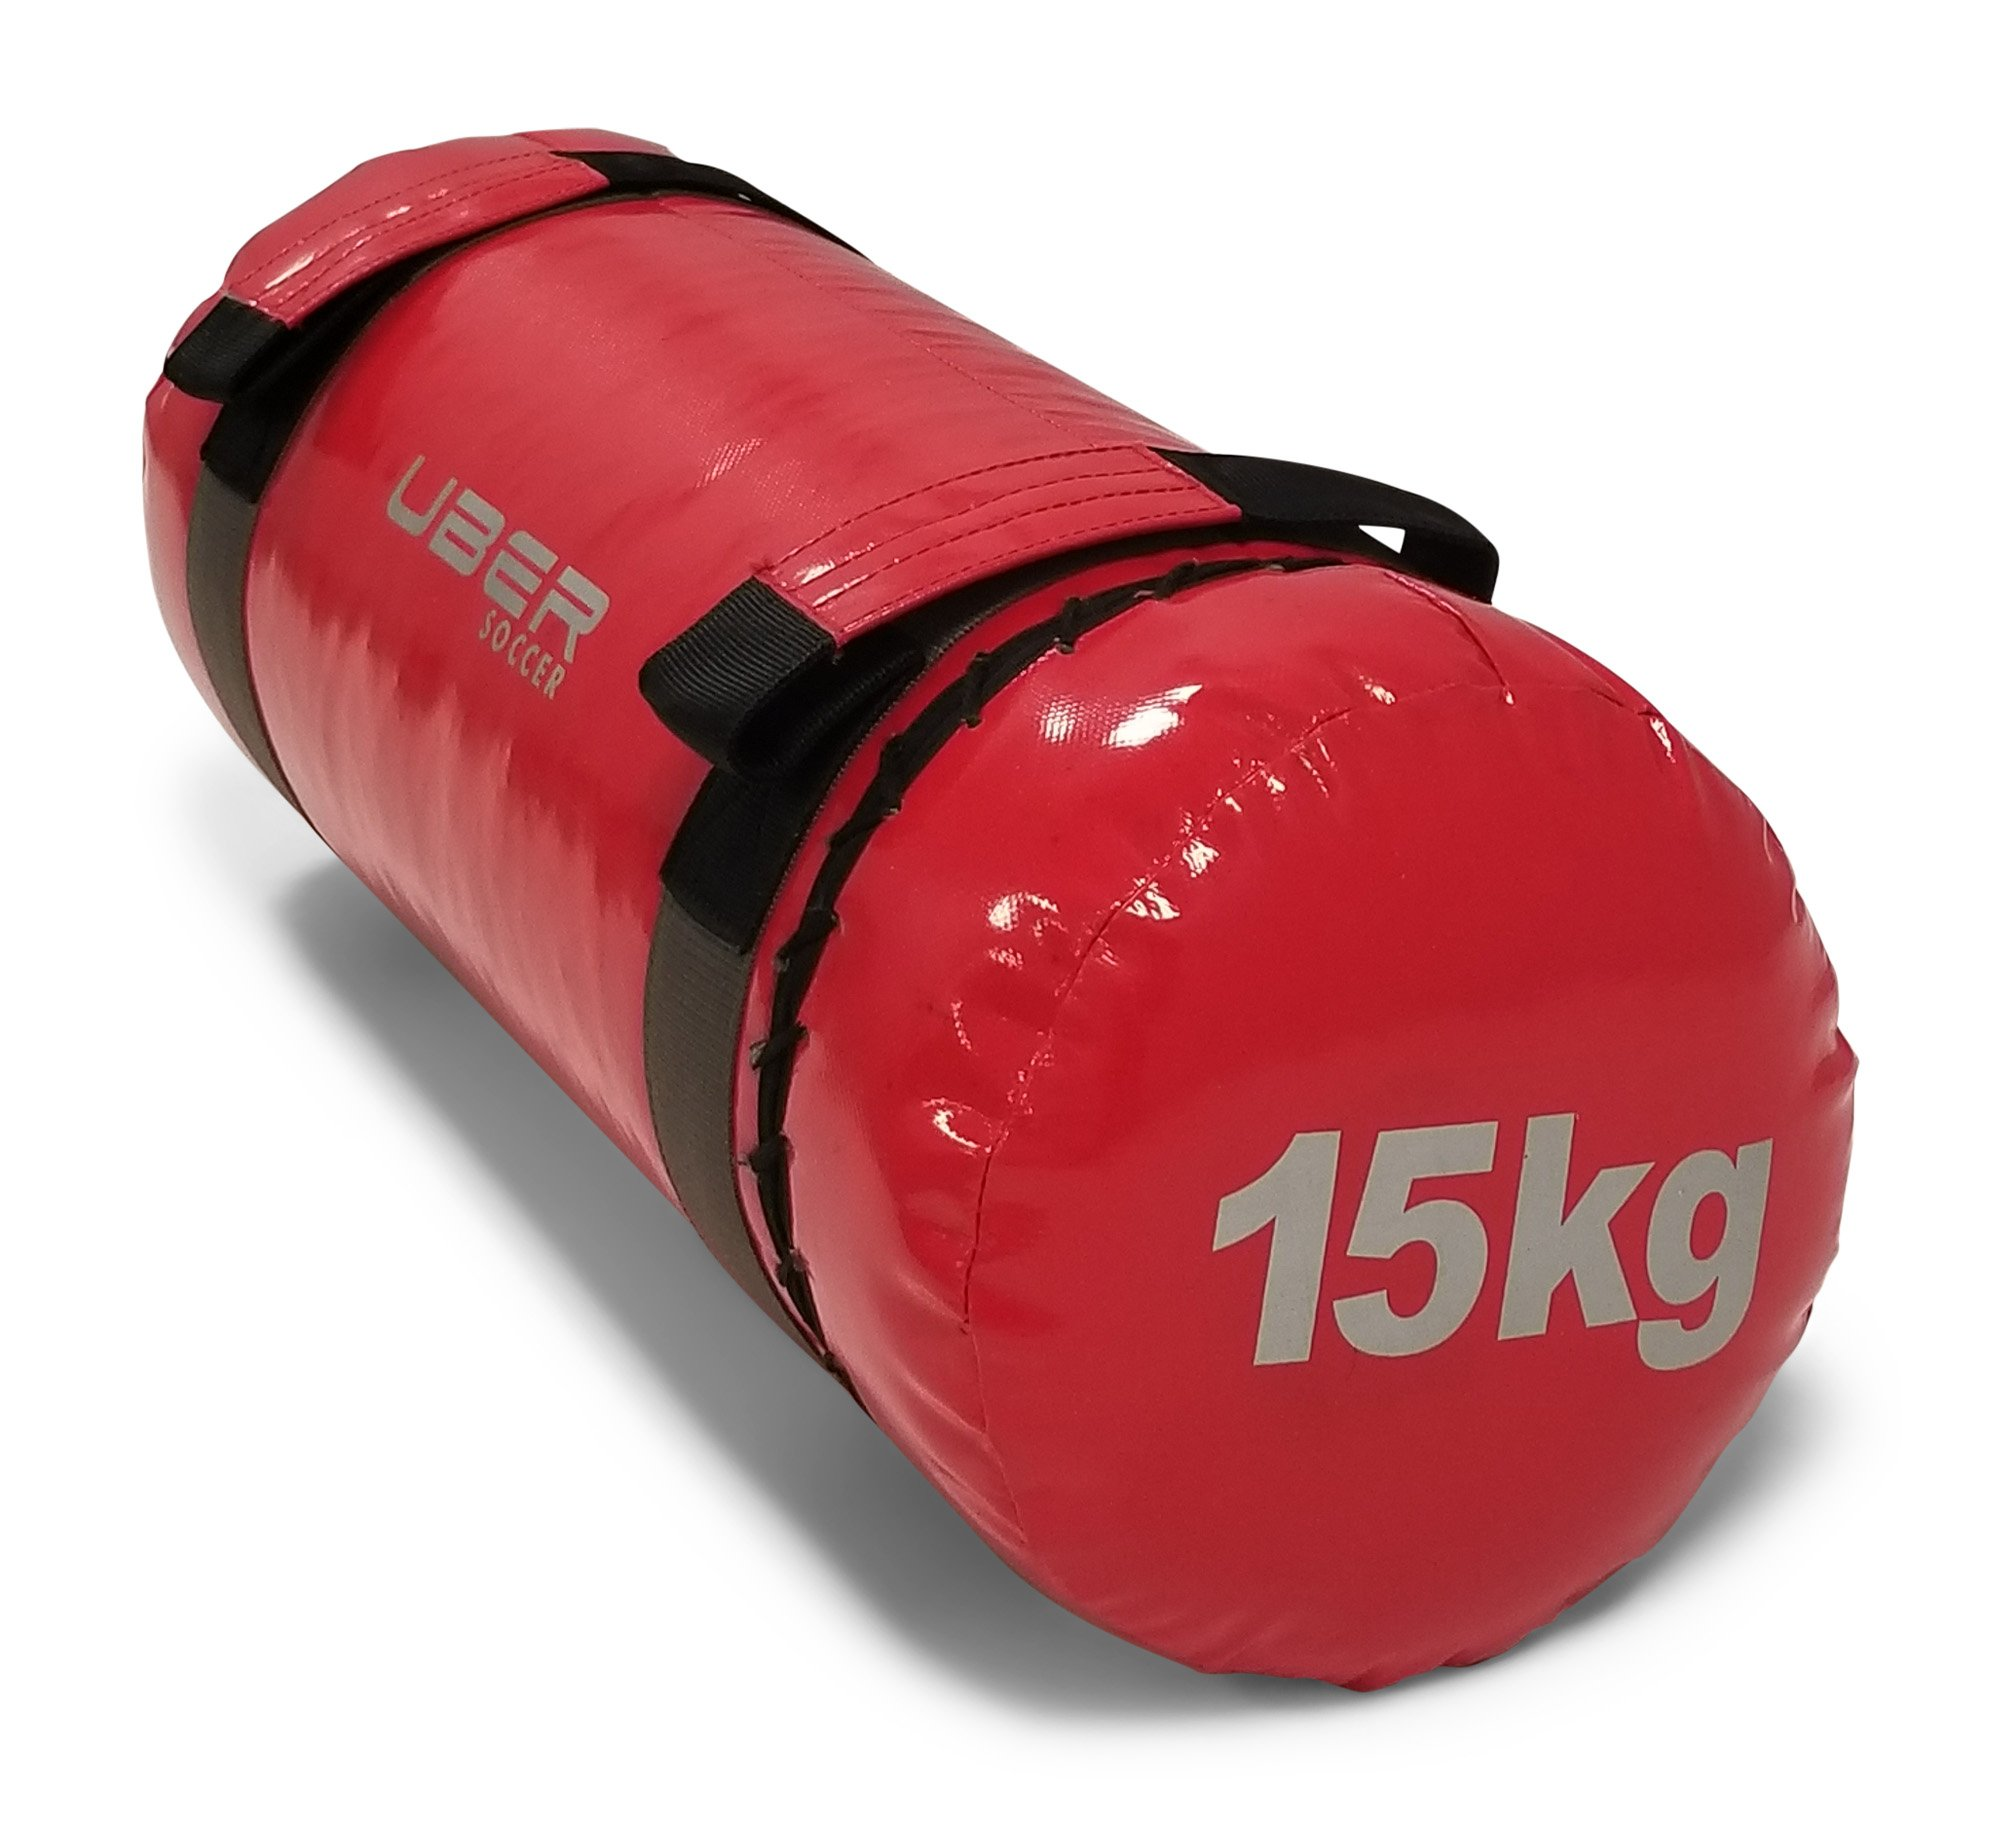 Uber Soccer Strength Training Bag - 15kg - Red